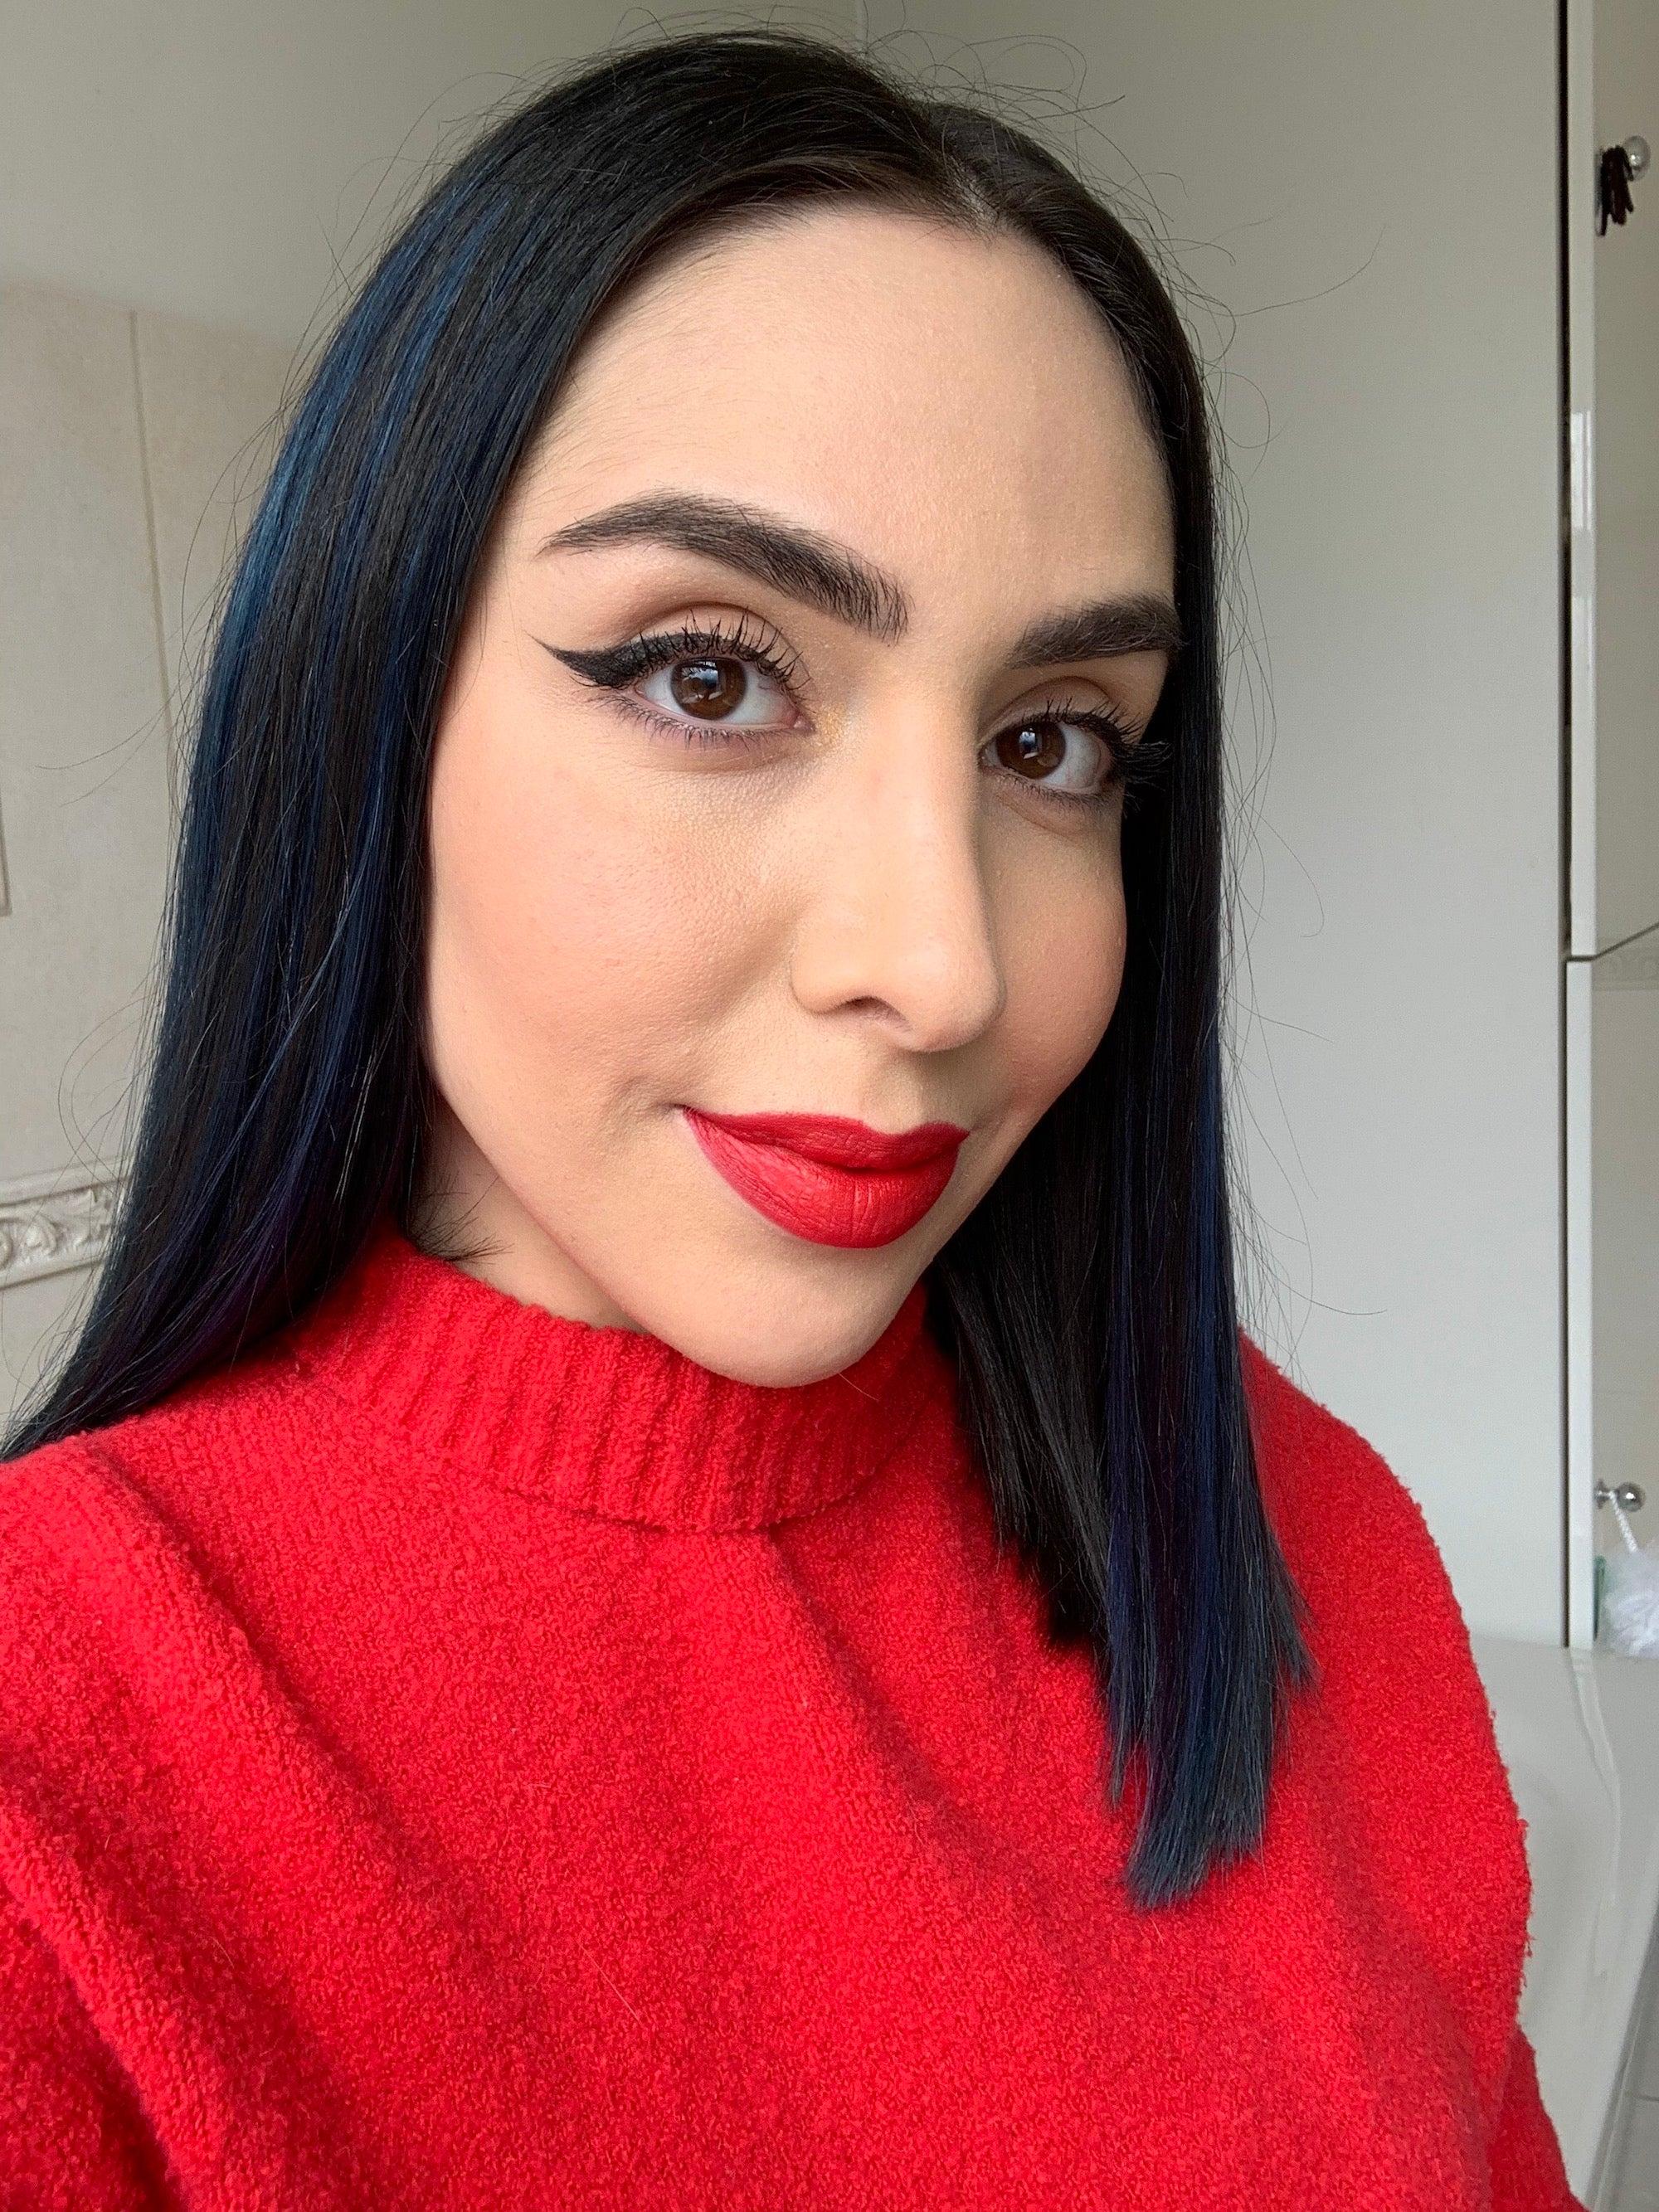 Zaras Make-up-Collection ist Luxus für wenig Geld – ich habe sie getestet